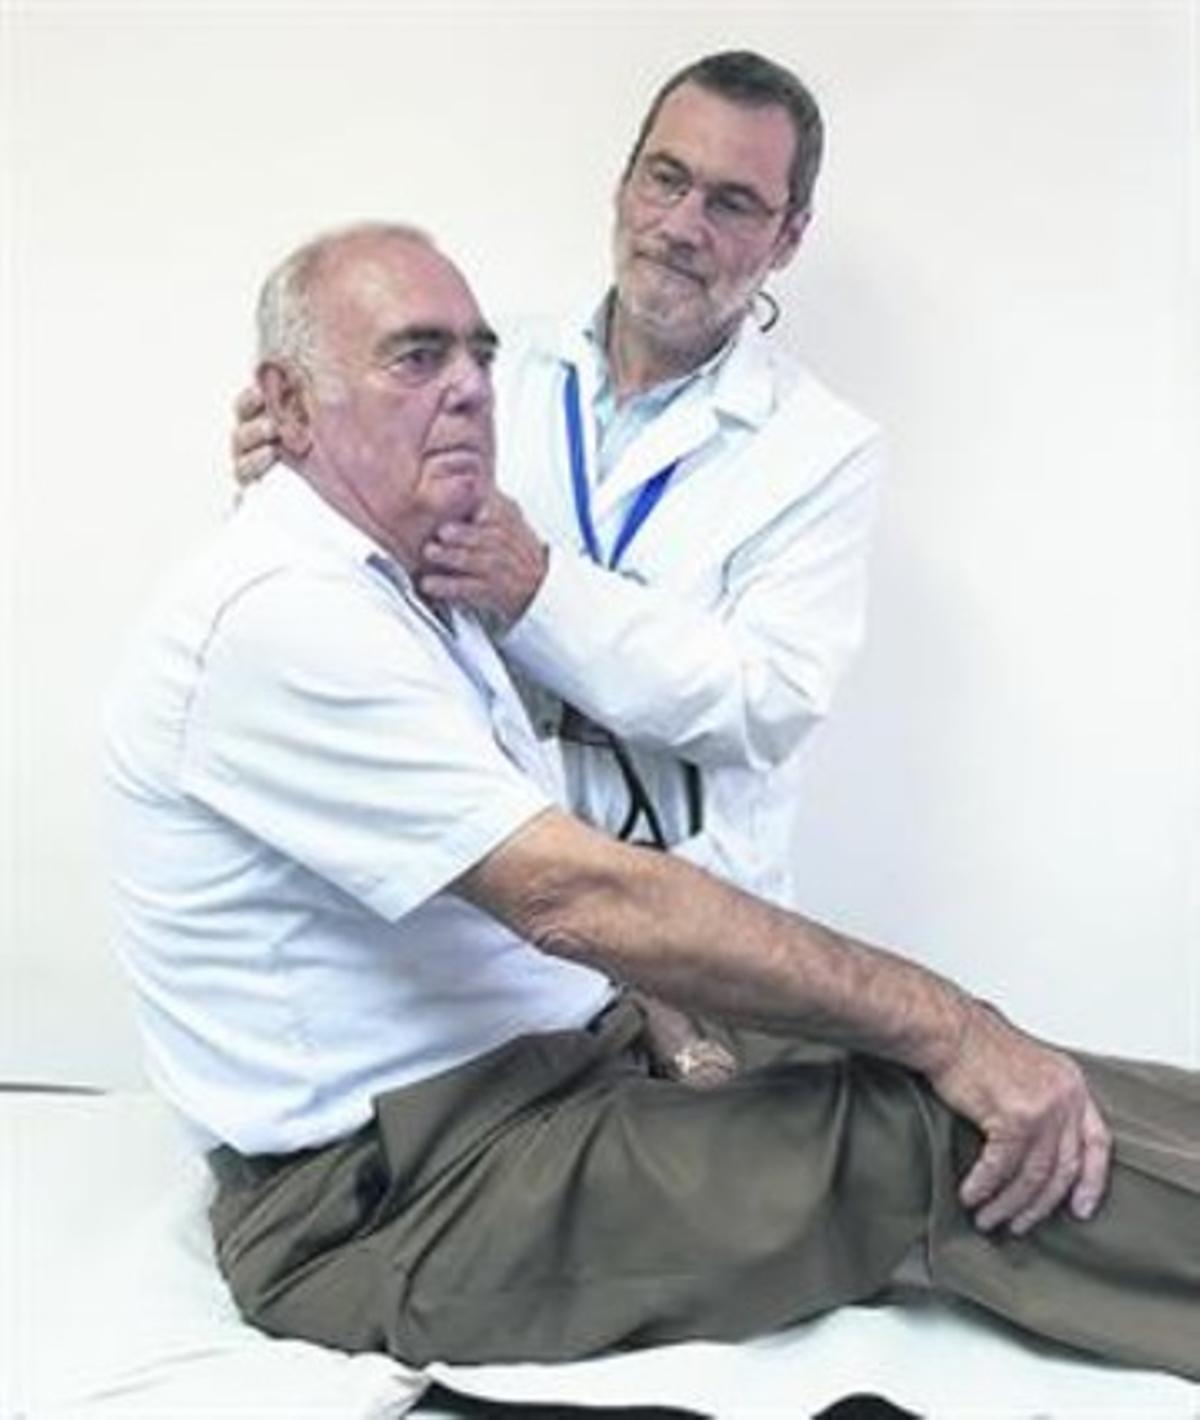 DIAGNÓSTICO.El doctor José Luis Ballvé realiza una exploración a un paciente en su consulta.